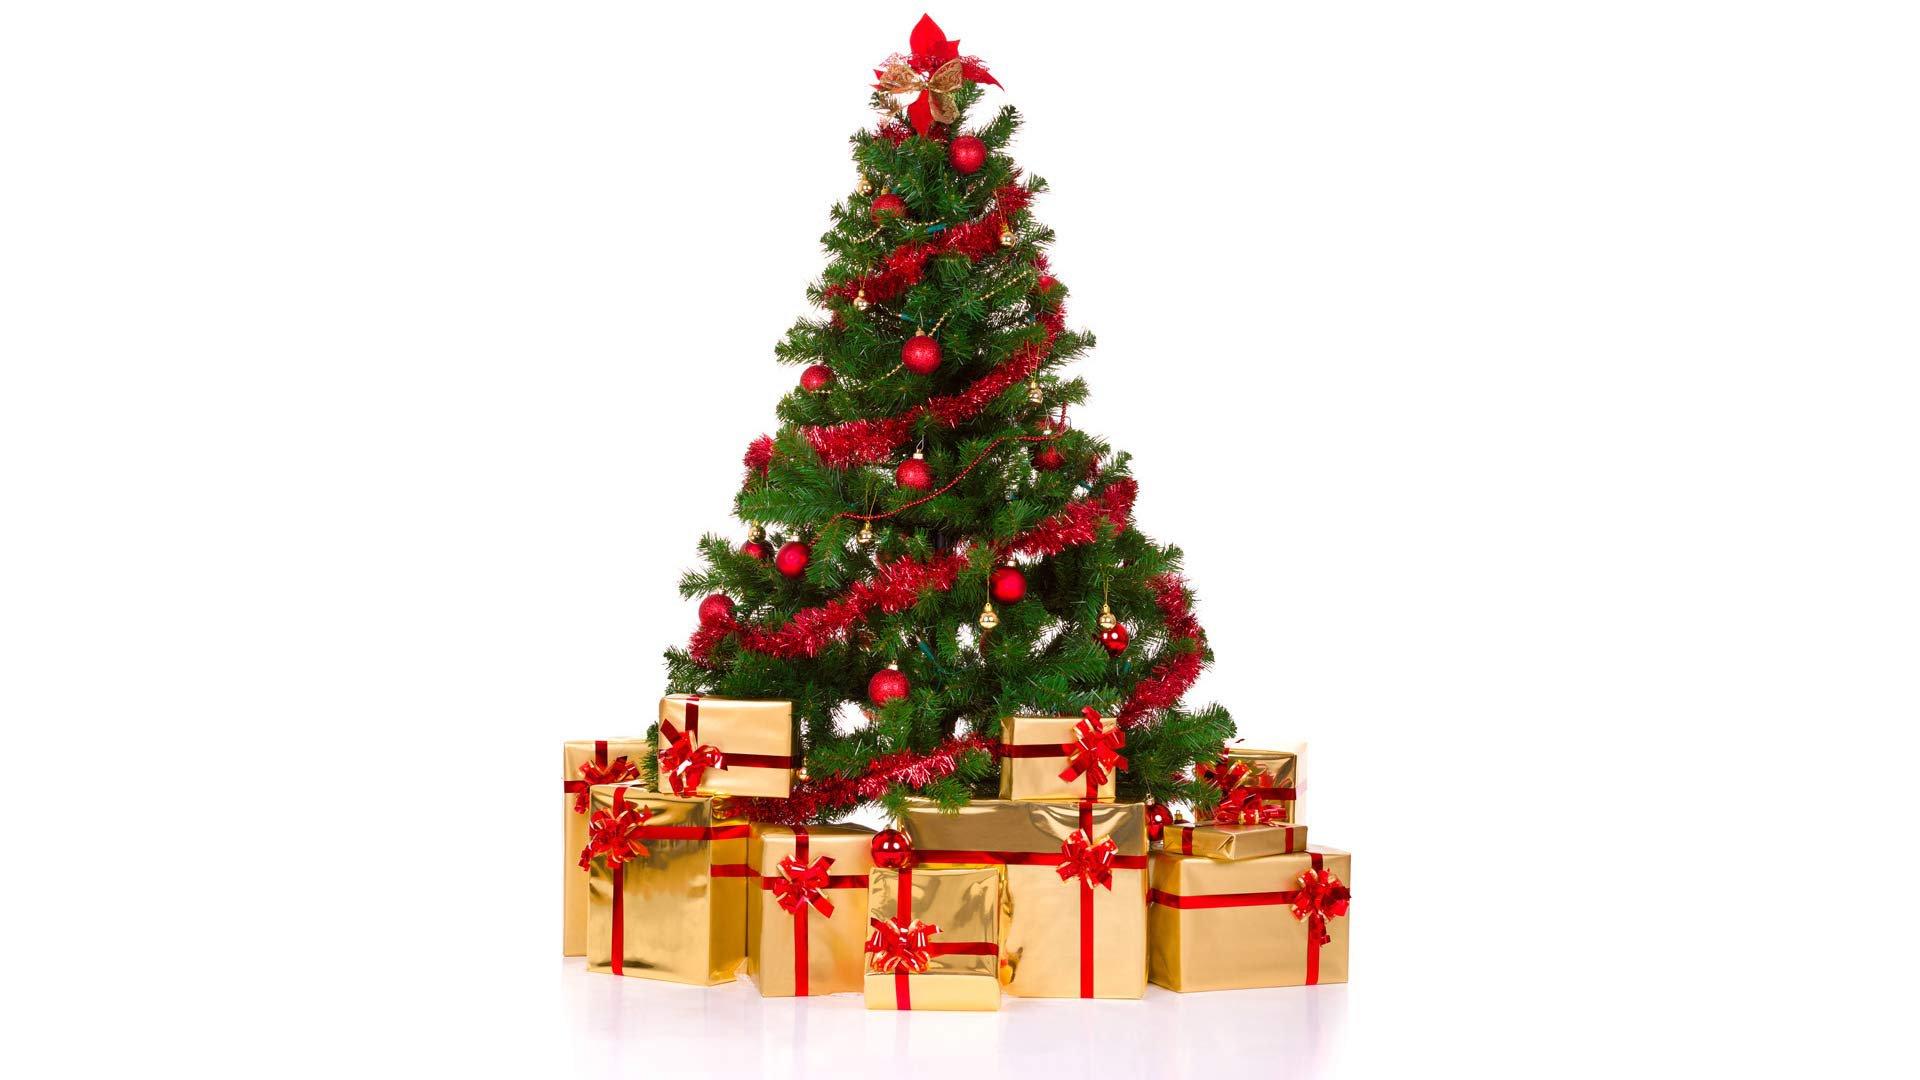 елка картинка новогодняя